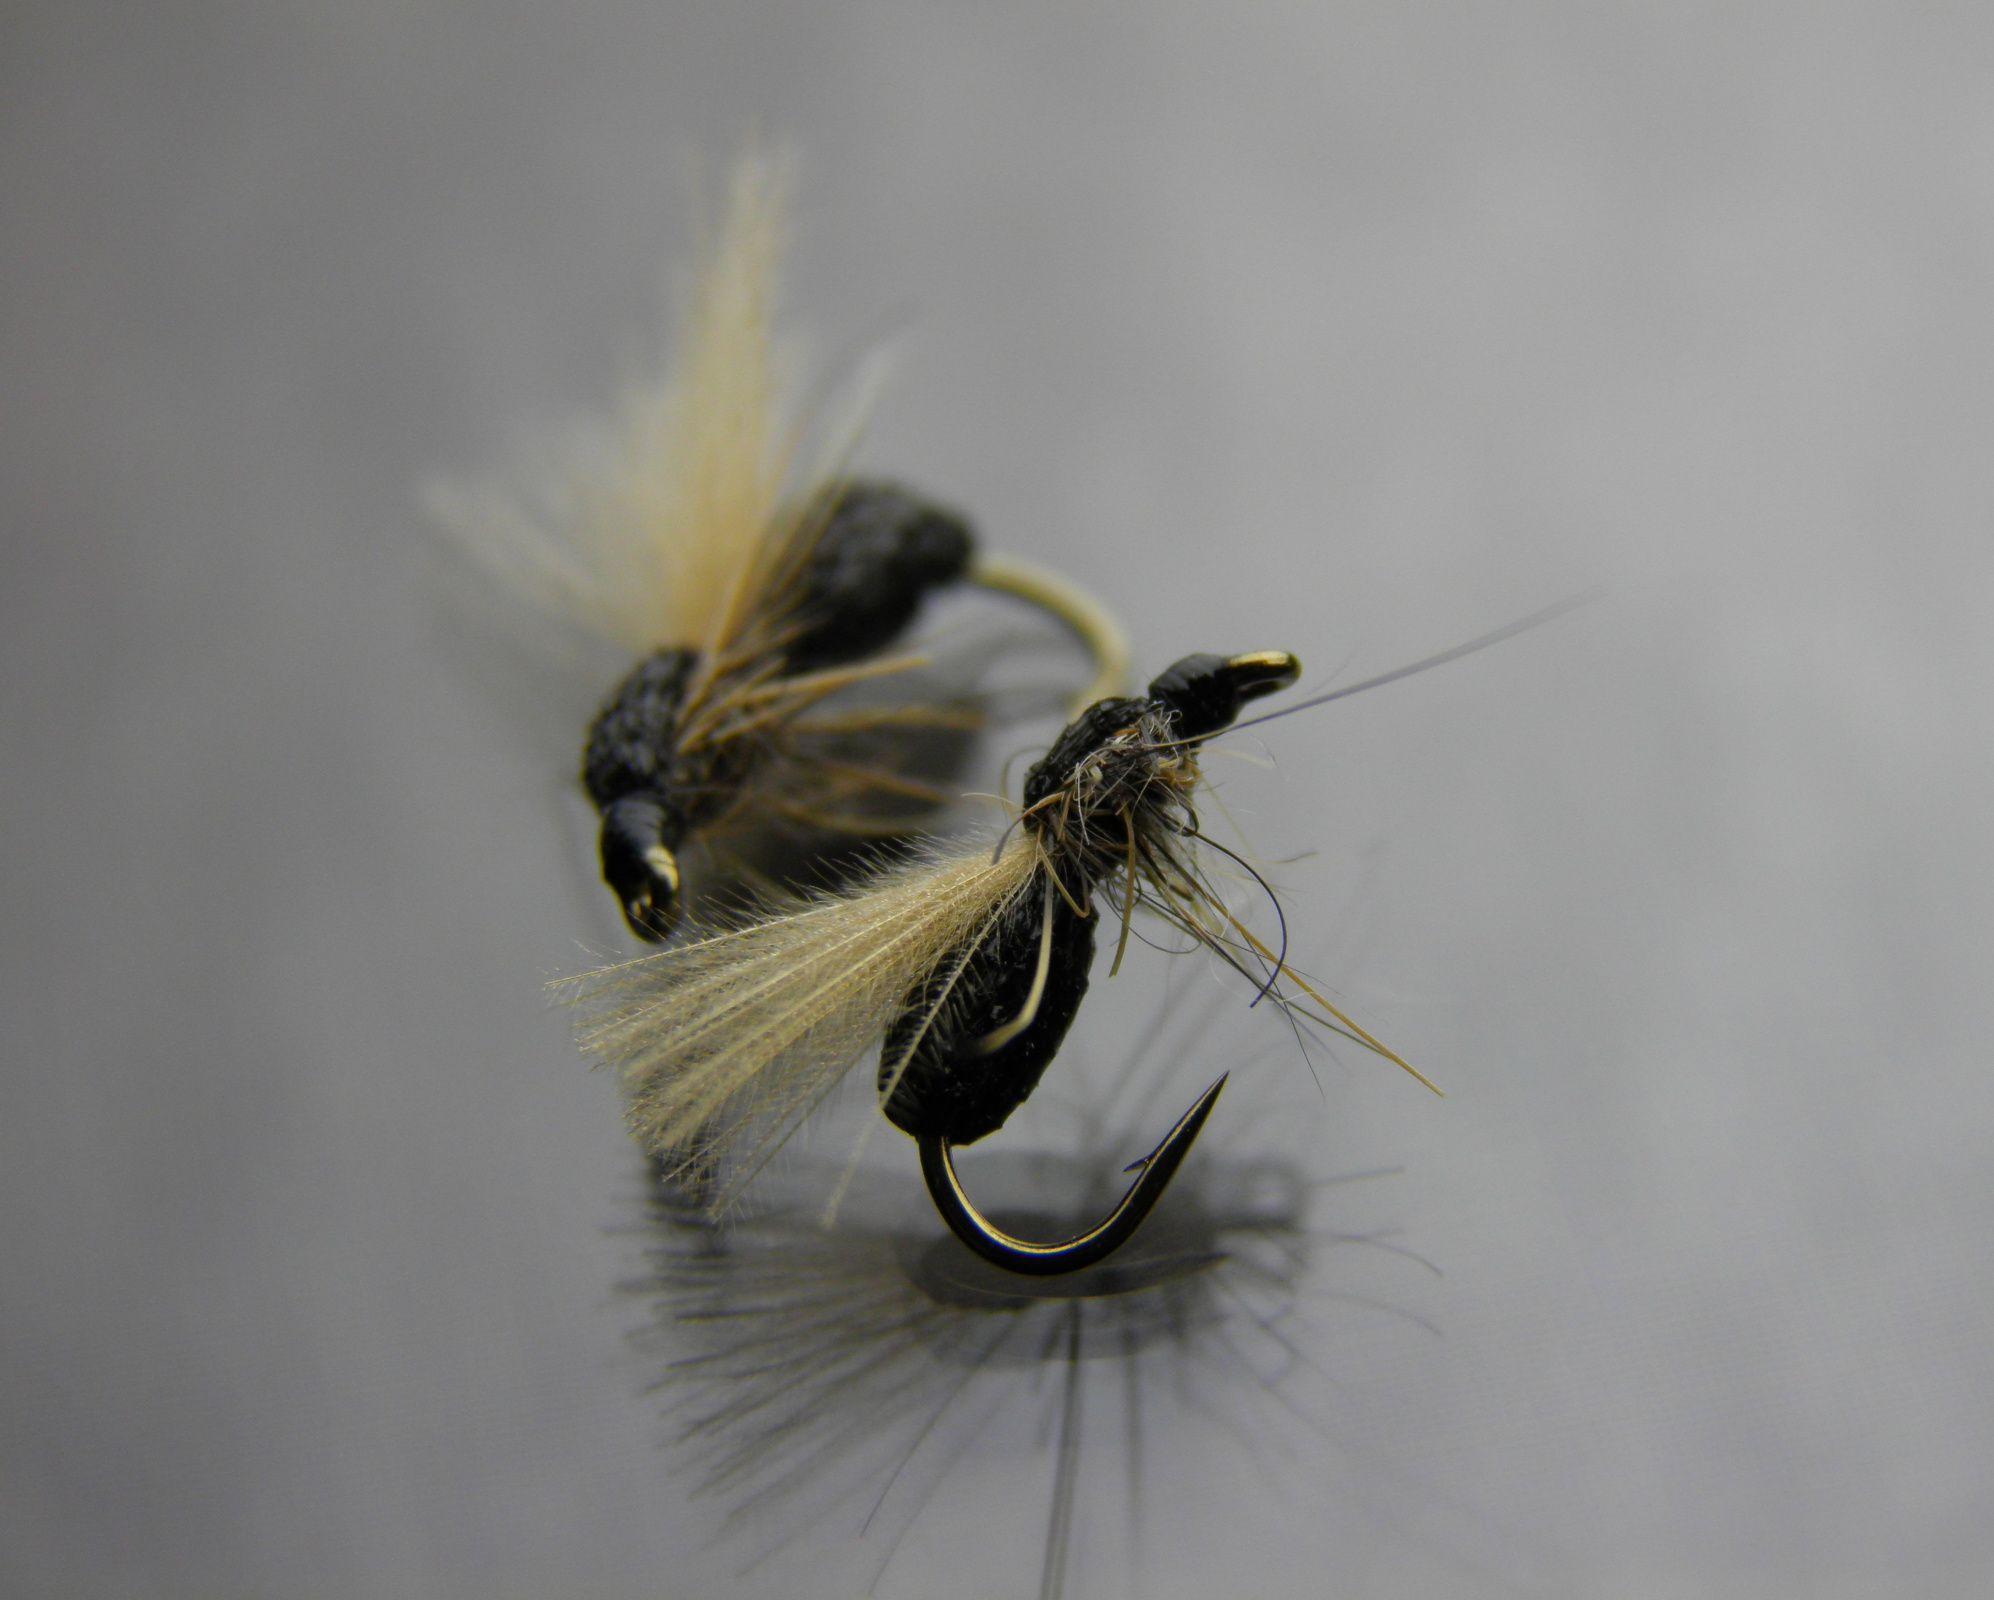 mouches pinterest les fourmis fourmis et mouches. Black Bedroom Furniture Sets. Home Design Ideas